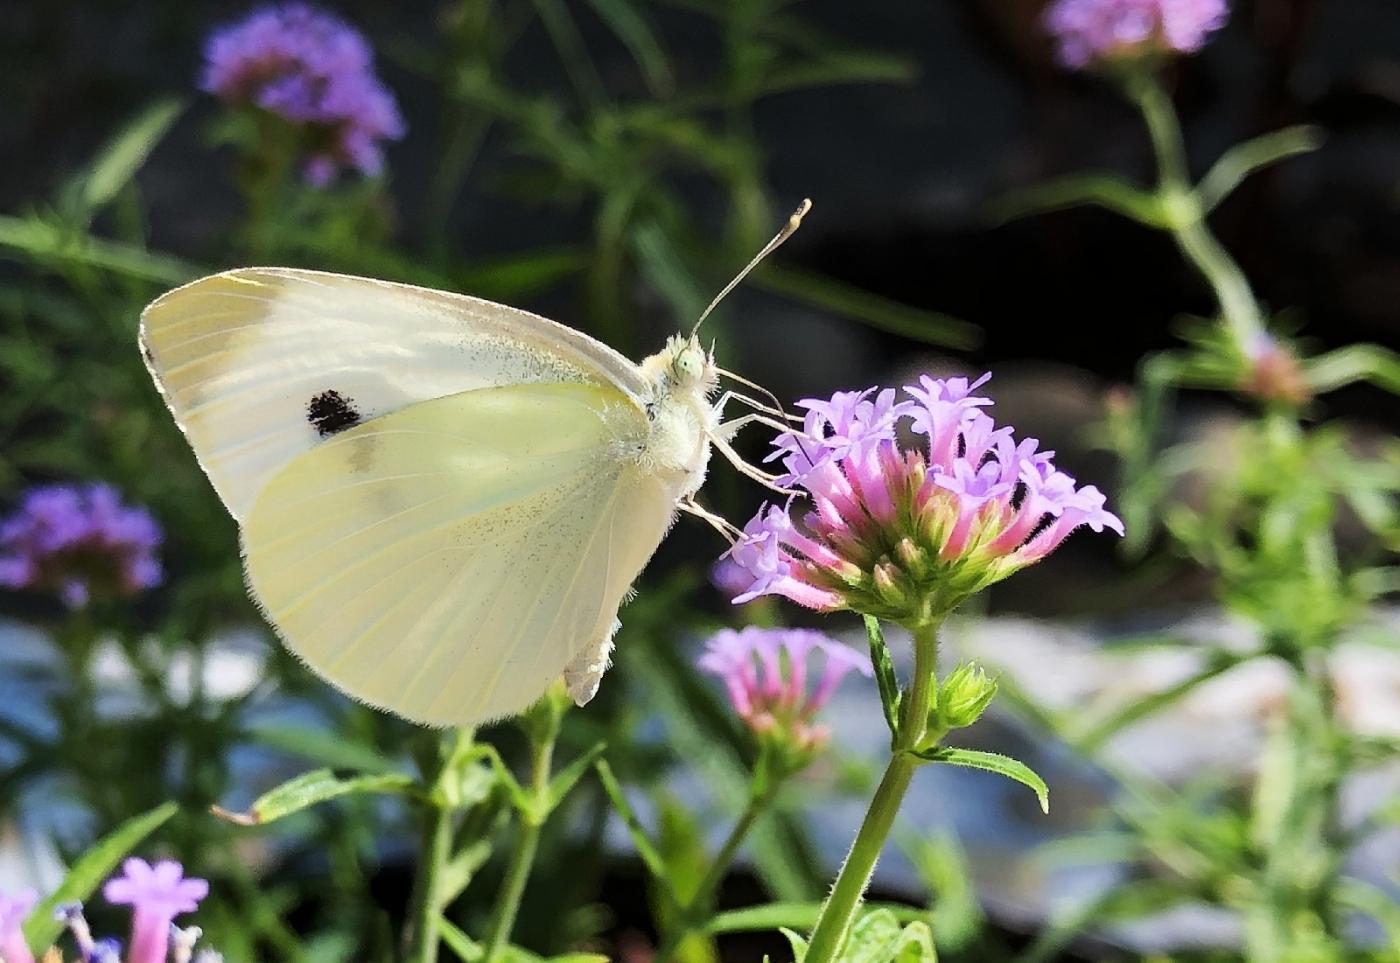 【田螺随拍】我种了马鞭草蝴蝶就来了_图1-19